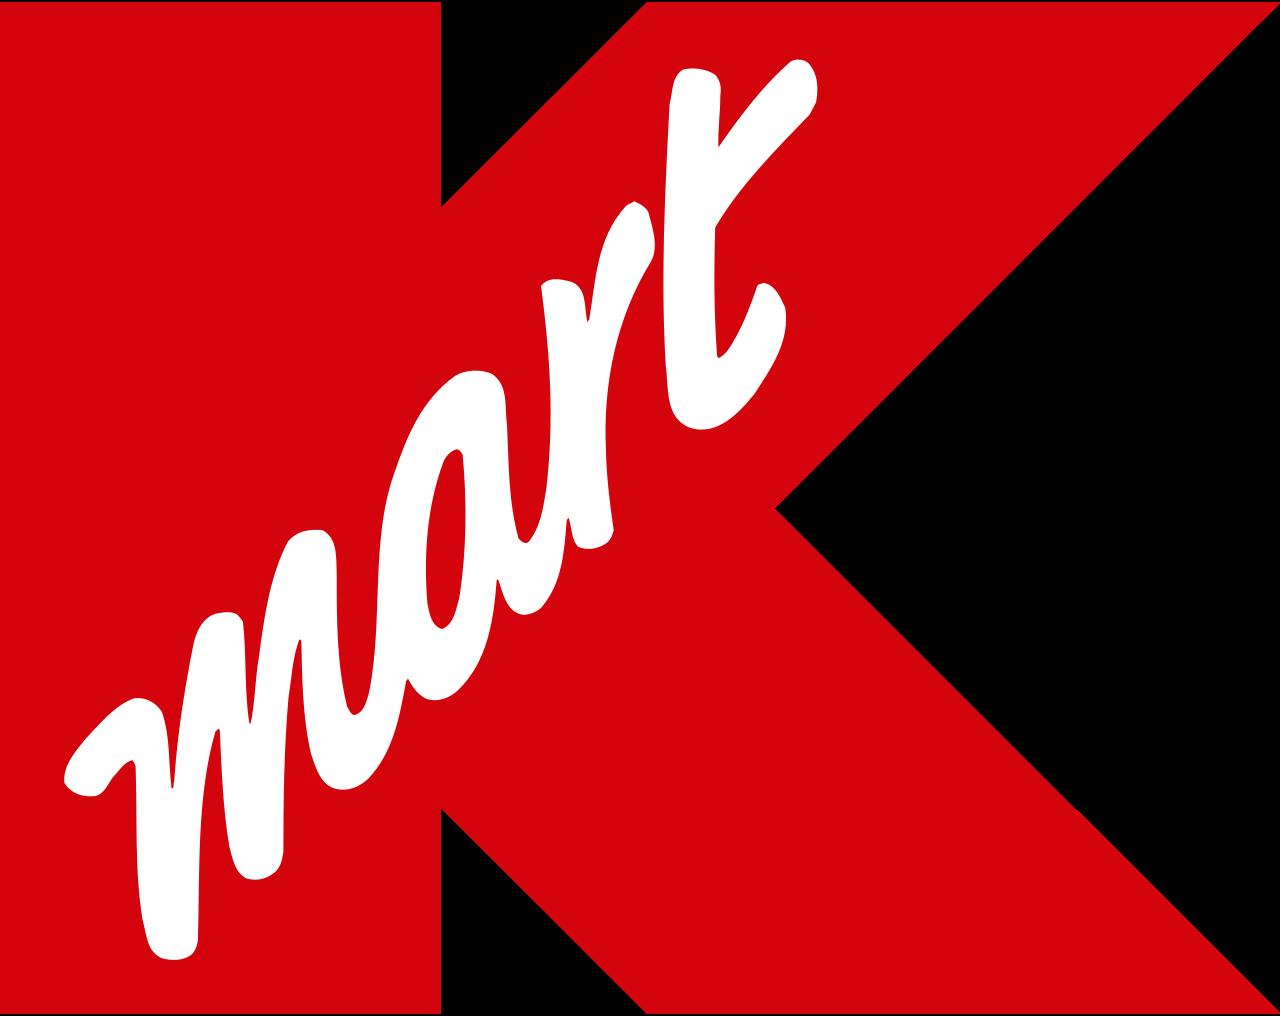 File:Kmart logo 1990s.svg.